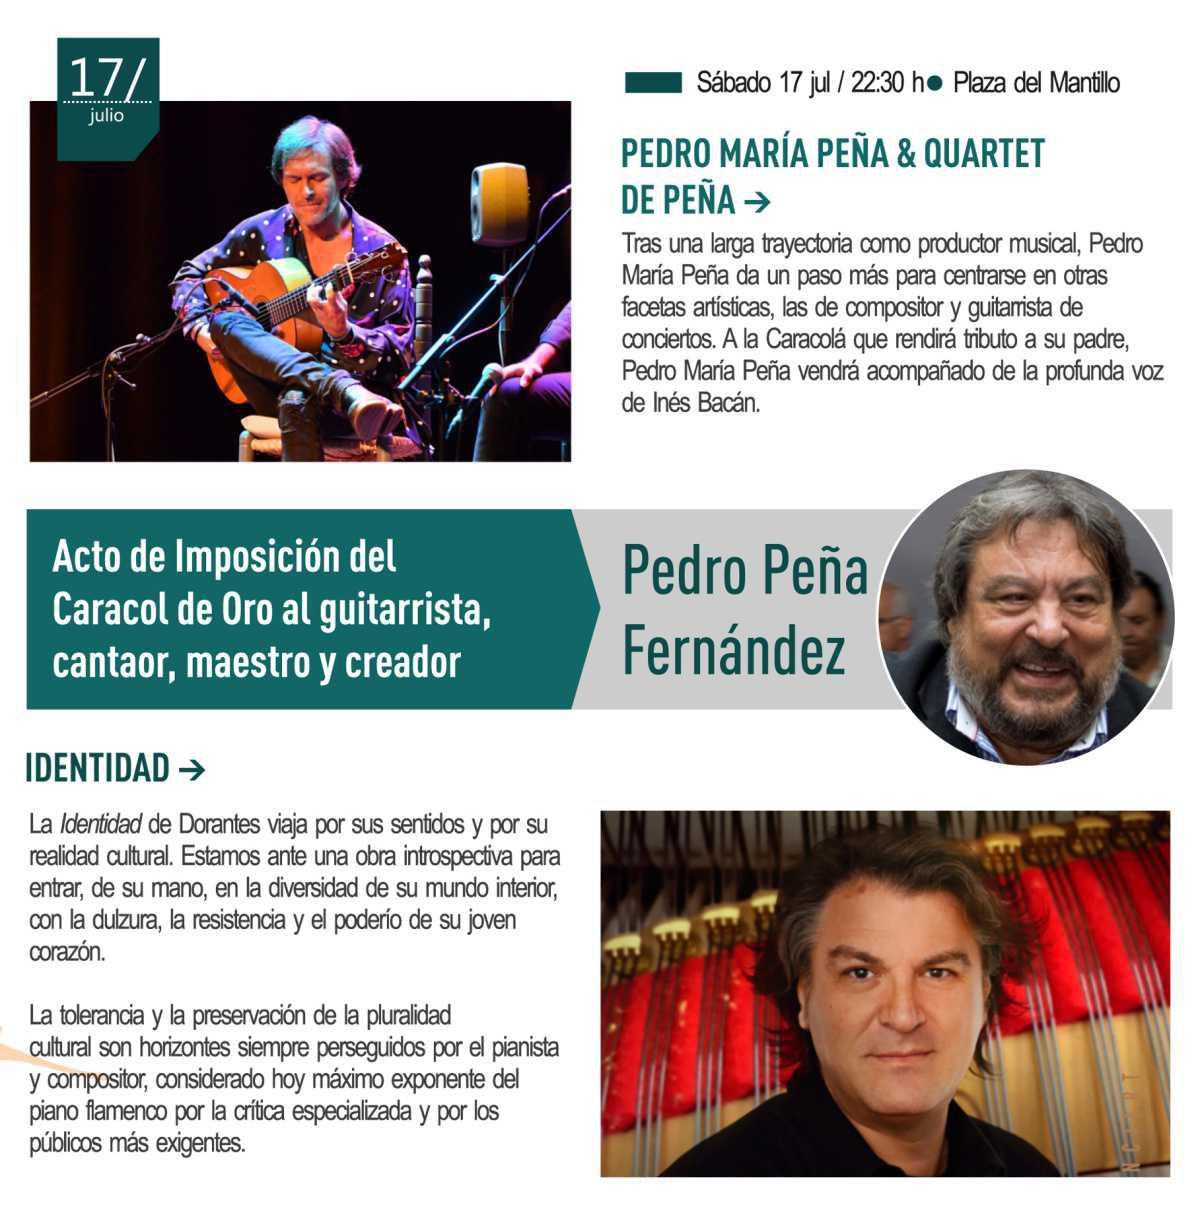 17 julio - Imposición Caracol de Oro a Pedro Peña // Pedro María Peña y Dorantes